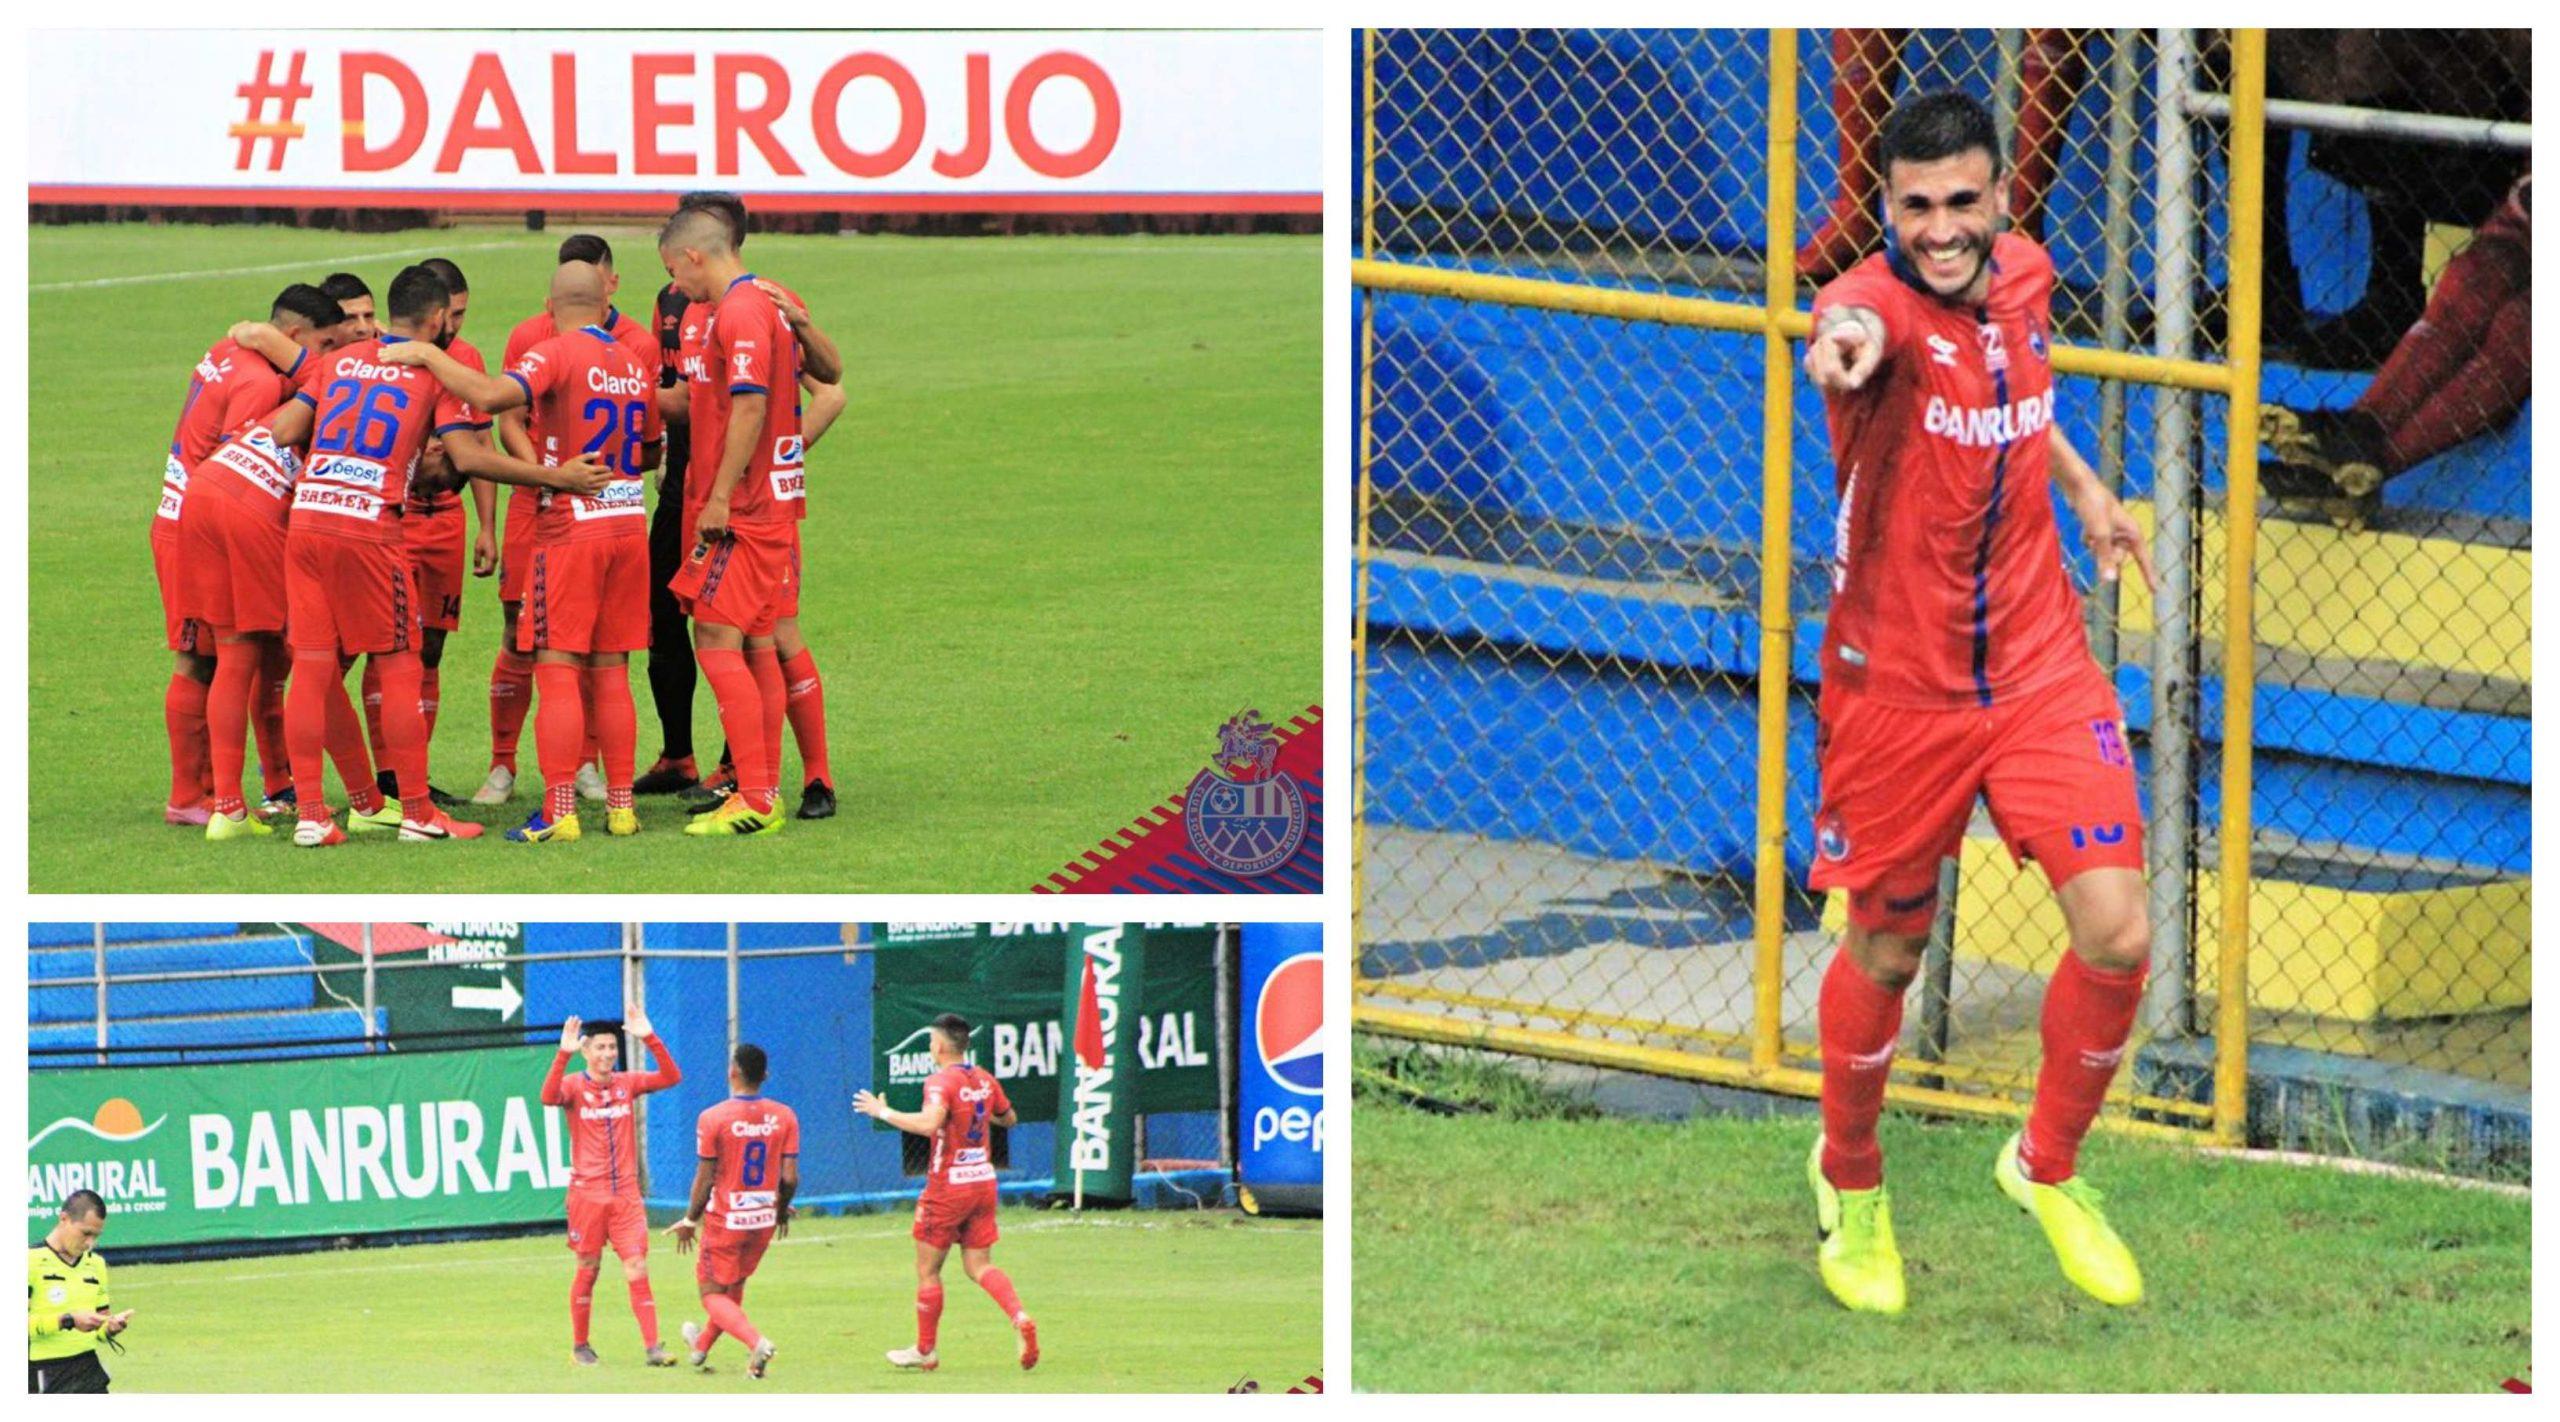 Municipal celebró su segunda victoria del campeonato con un contundente 5-0 sobre el Deportivo Sanarate. El argentino Ramiro Rocca marcó cuatro de los cinco goles rojos. (Foto: CSD Municipal)